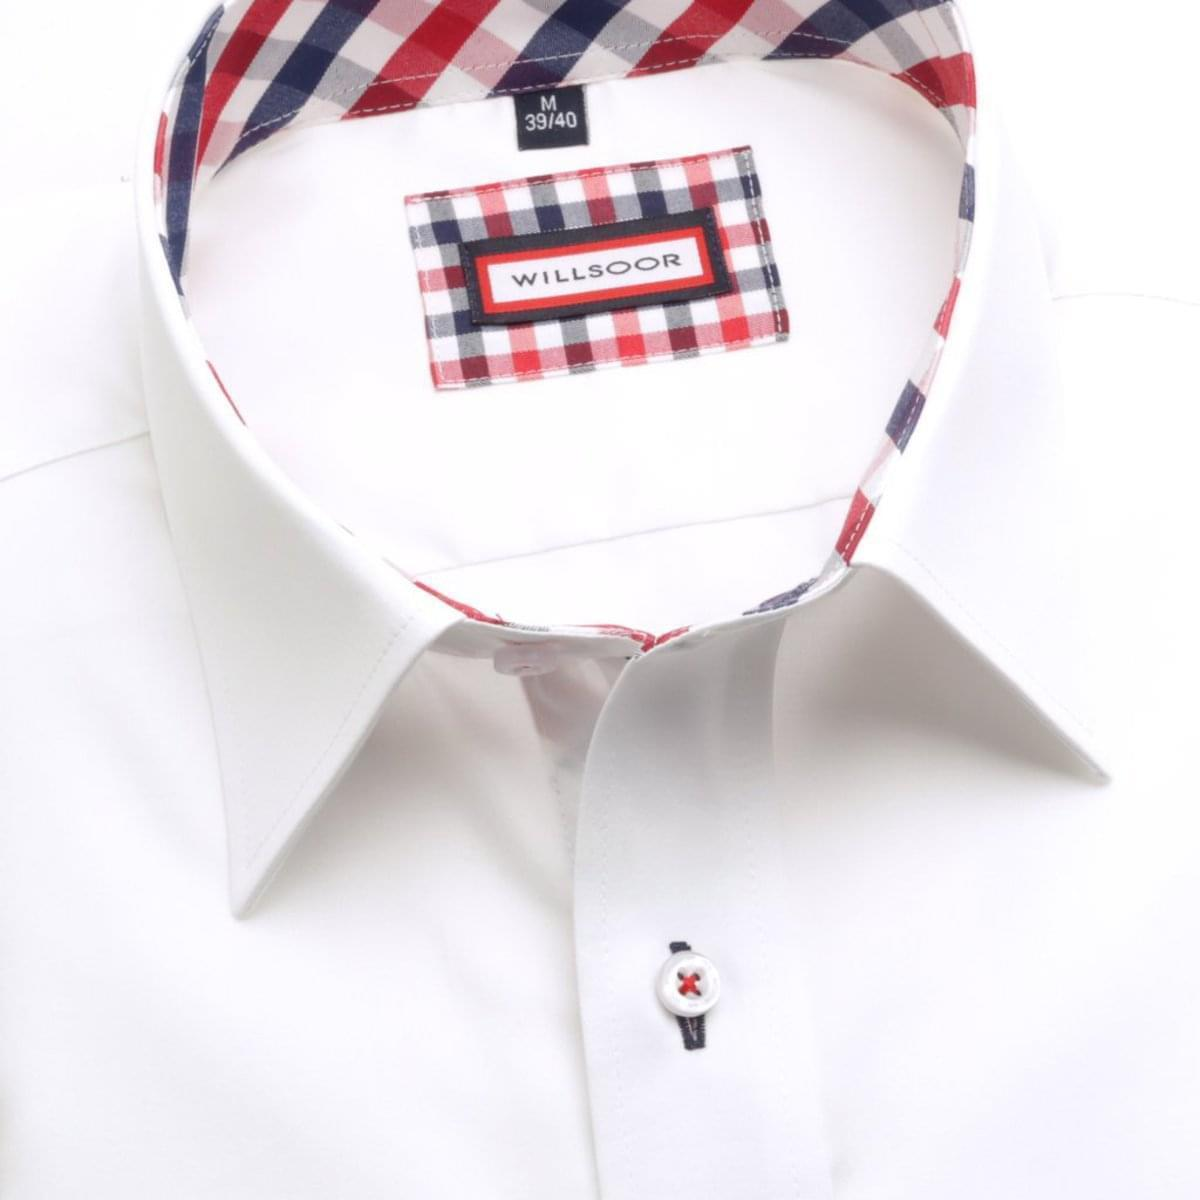 Pánská Slim Fit košile (výška 176-182) 5937 v bílé barvě s formulí Easy Care 176-182 / M (39/40)